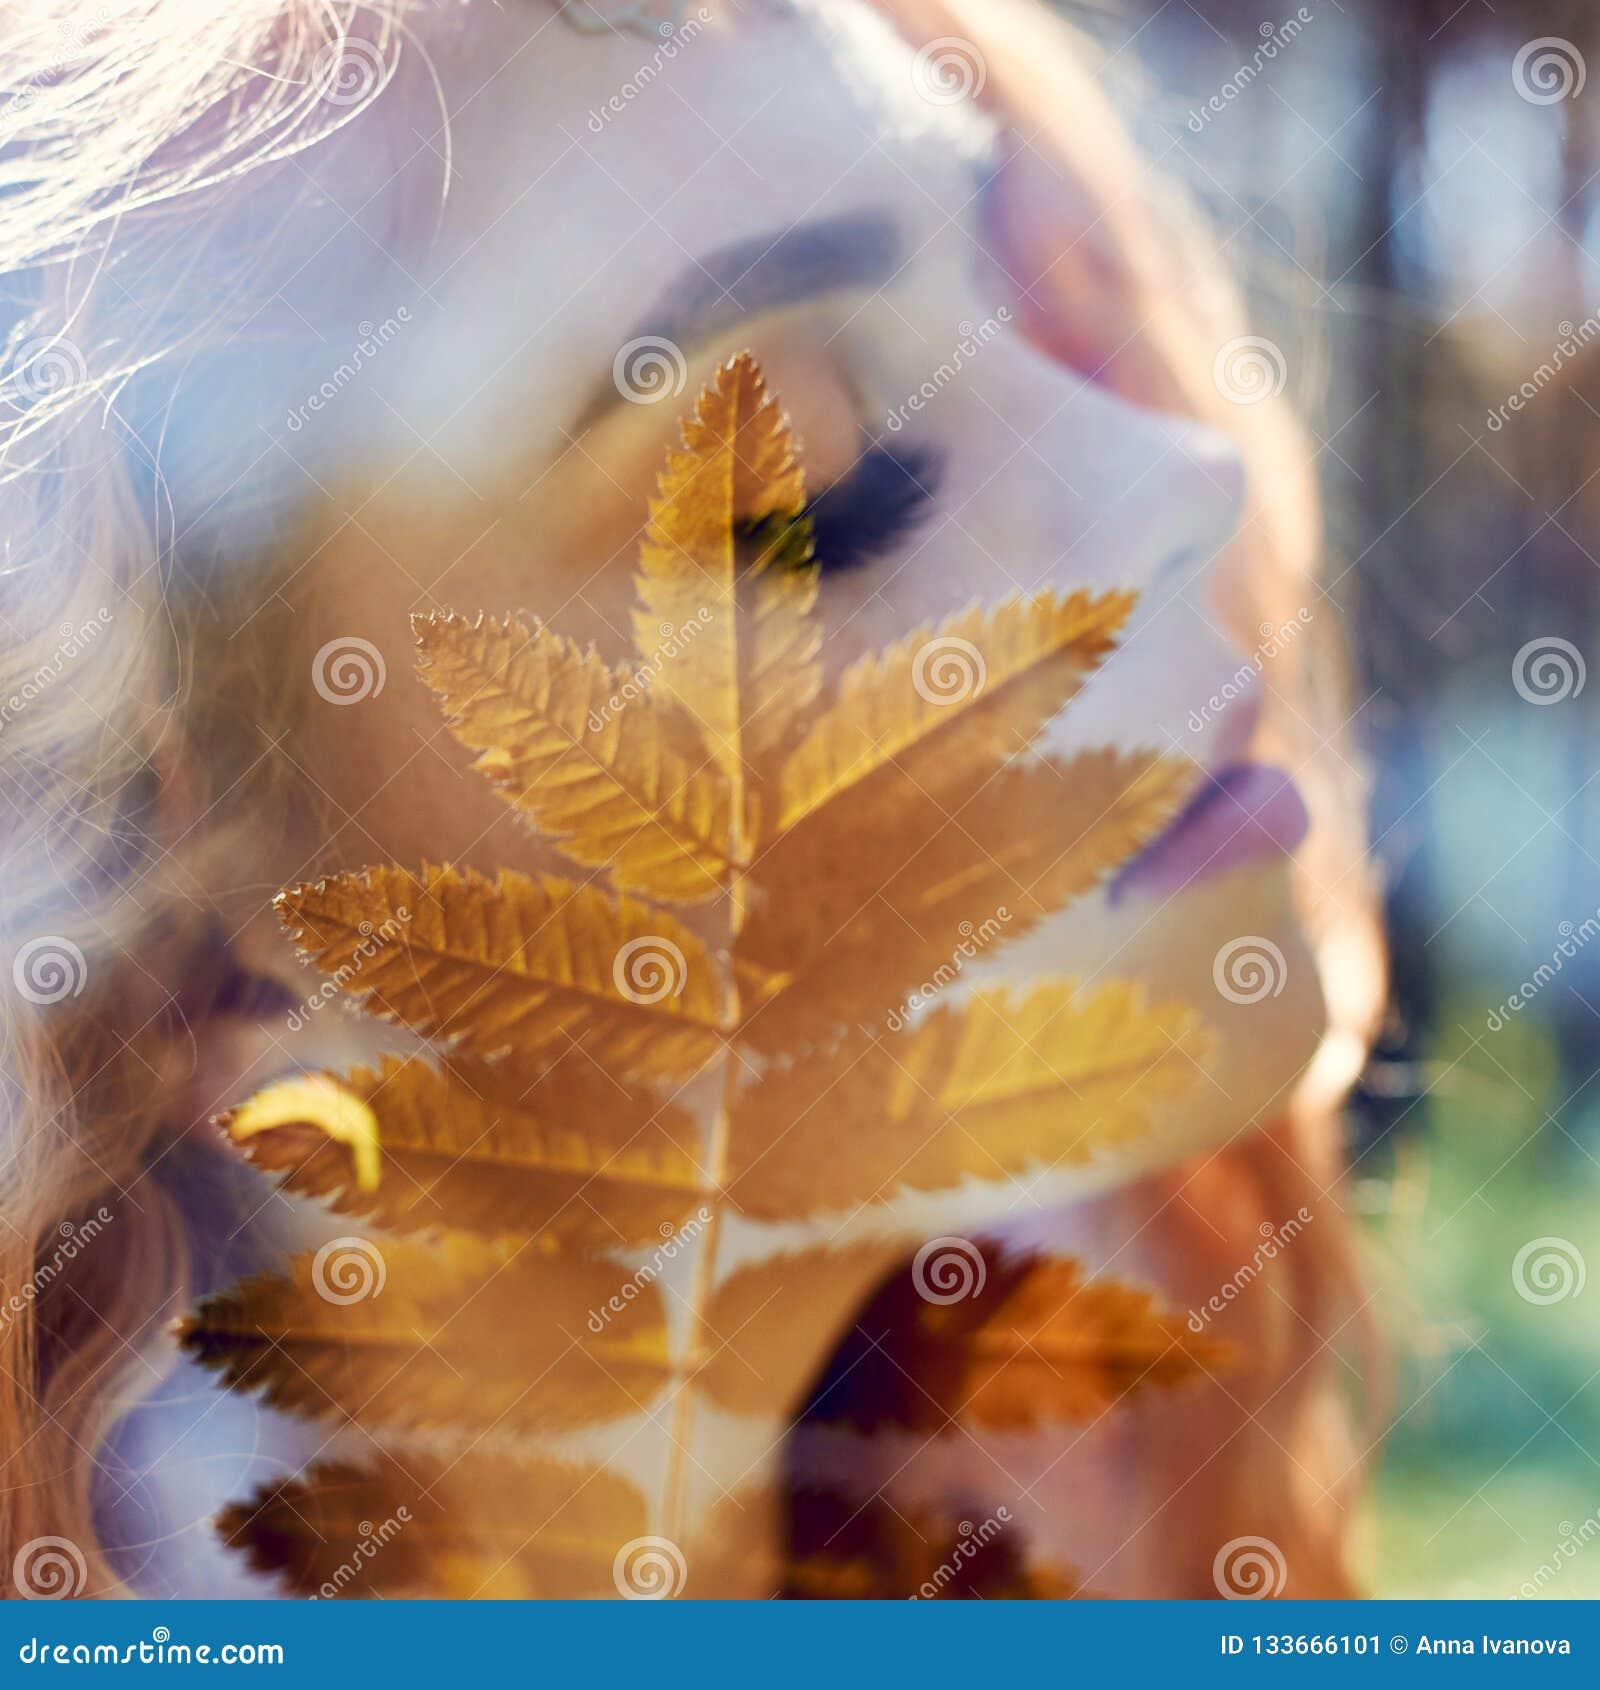 Το πορτρέτο μιας γυναίκας με μια διπλή έκθεση, το κορίτσι και τη θολωμένη φύση της φωτογραφίας δεν είναι στην εστίαση Τα φύλλα στ